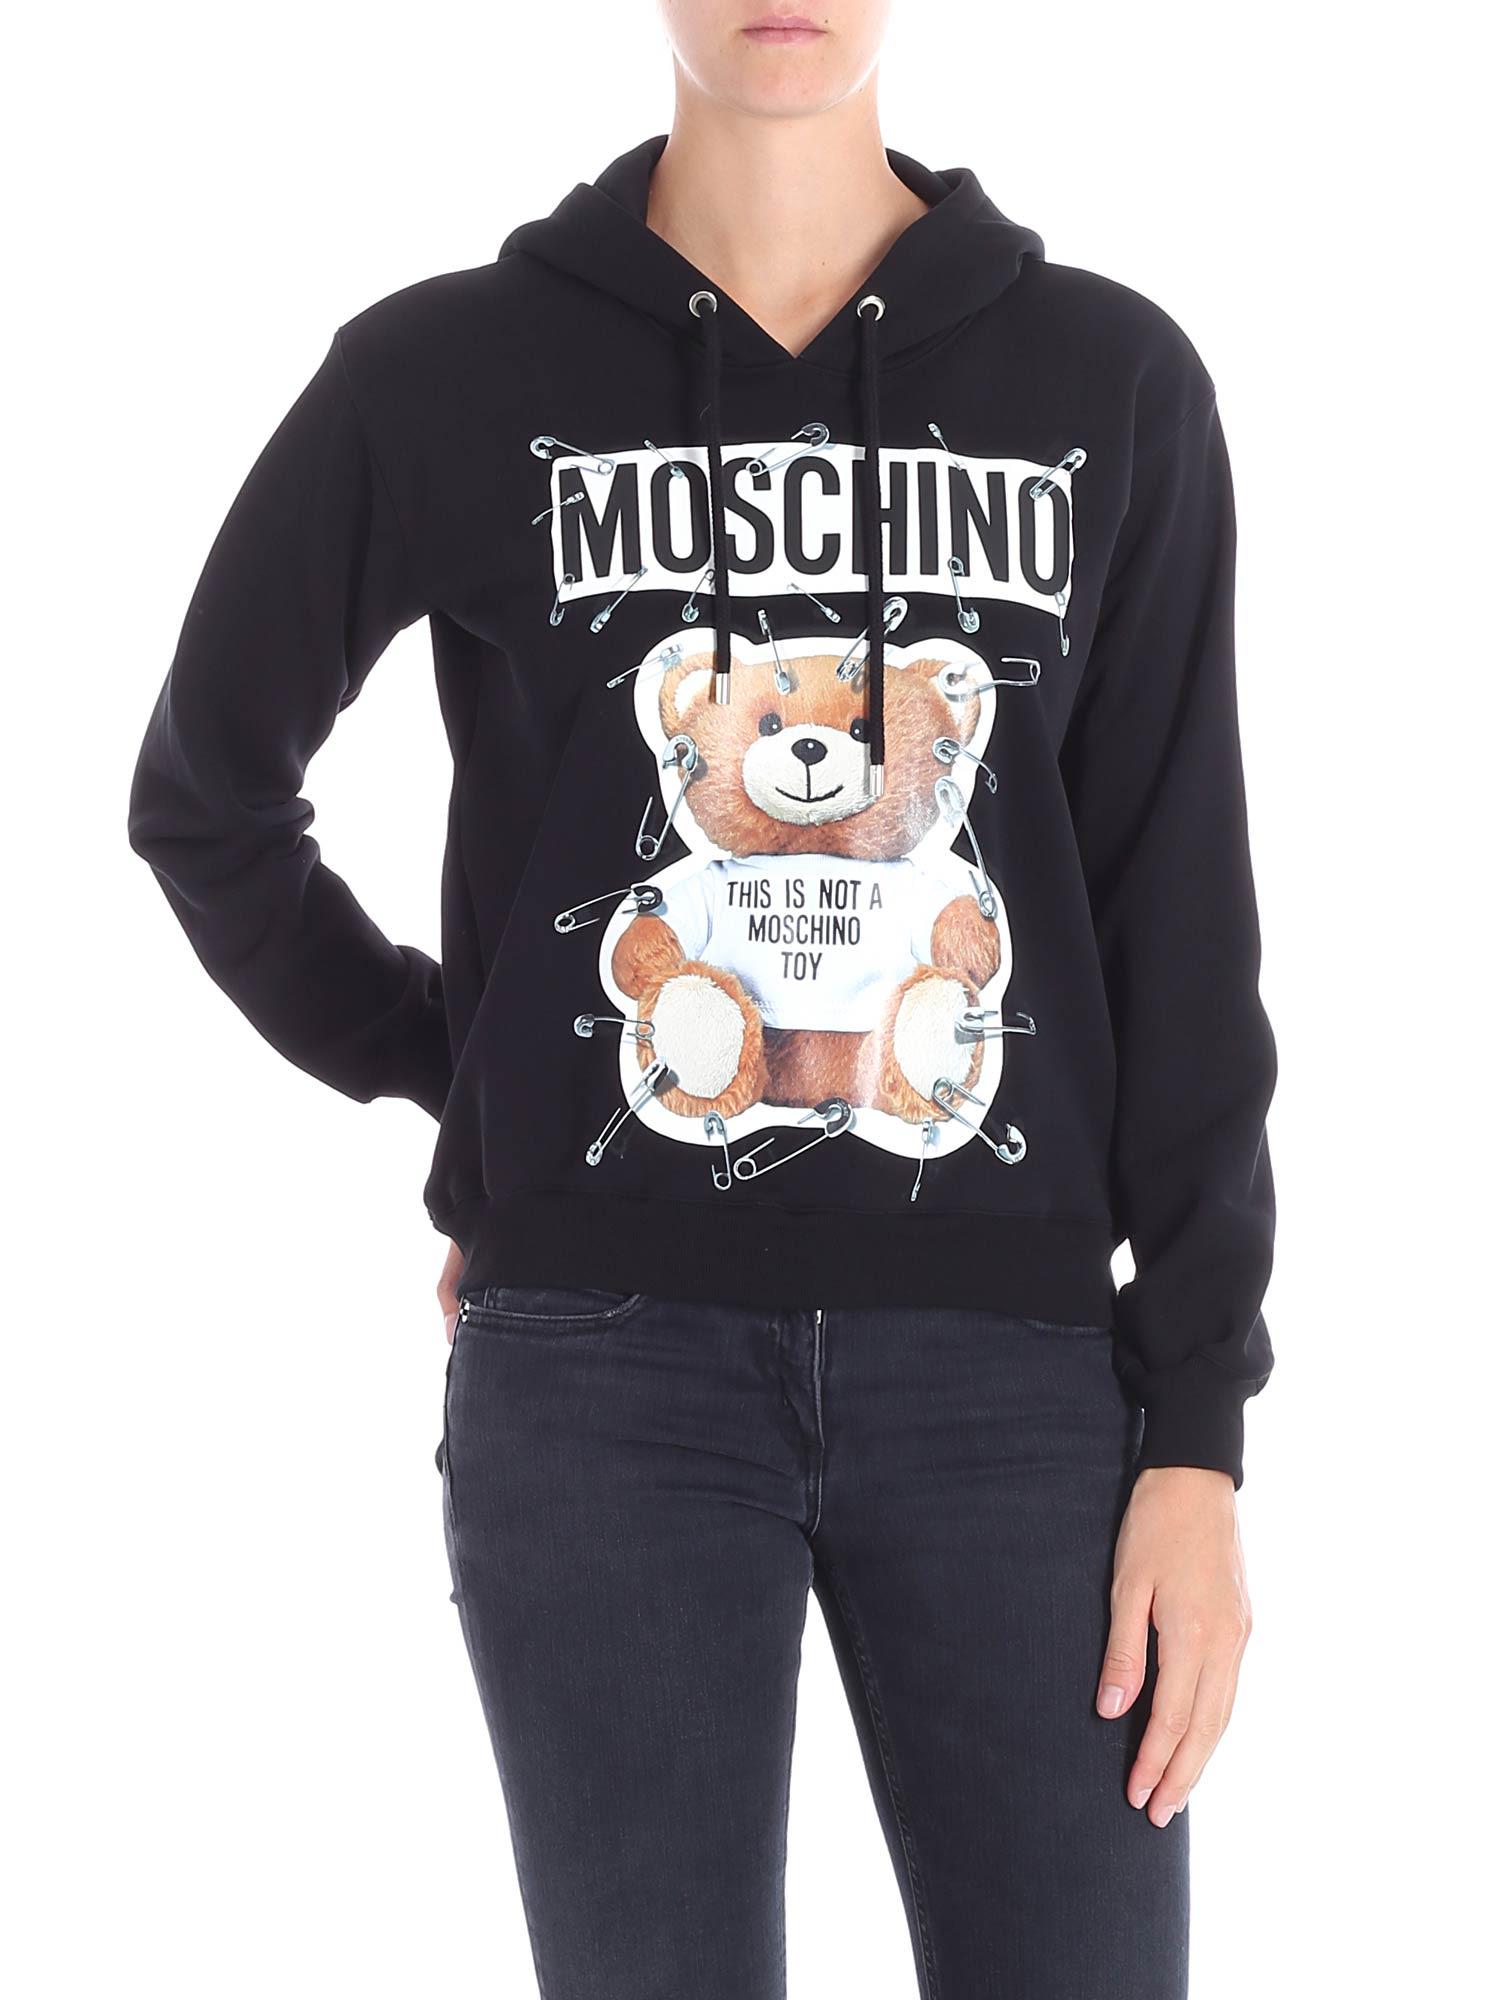 Moschino Cotton Sweatershirt